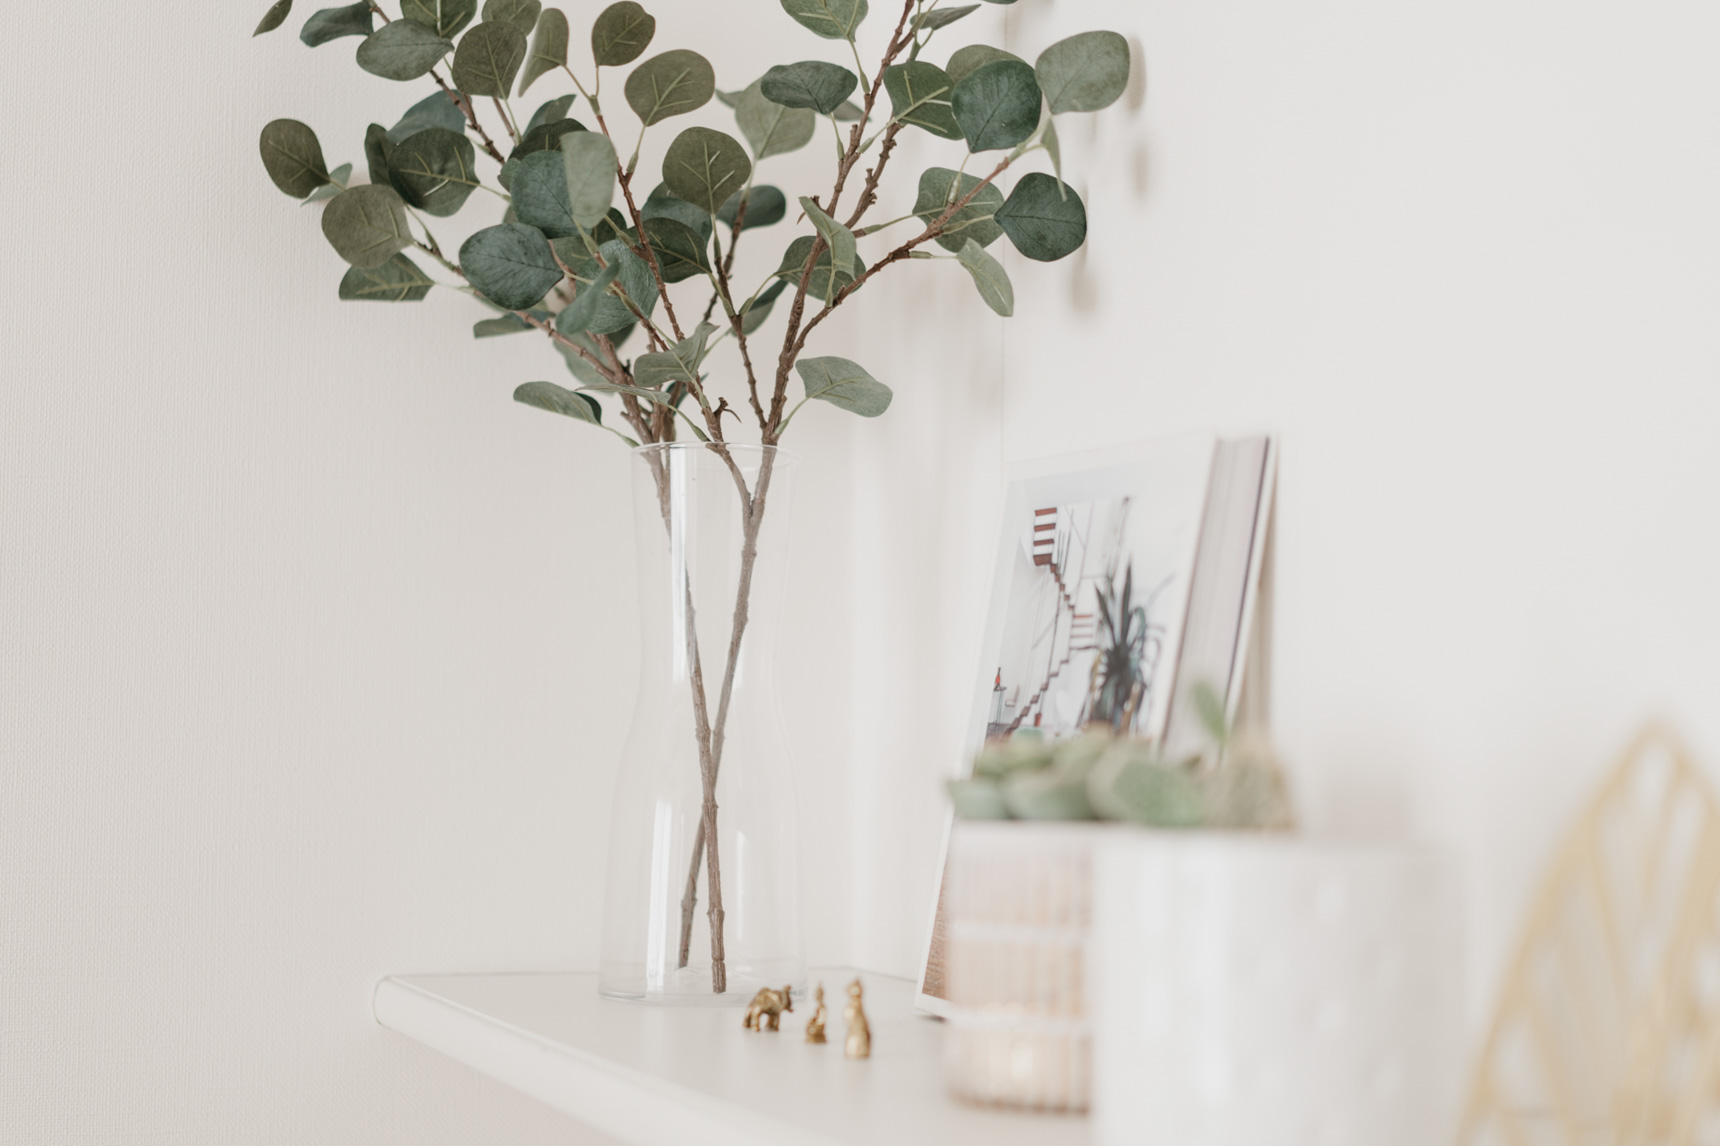 光の当たりにくい場所や、上手に育てるのが難しいツル性植物などは、フェイクグリーンも活用します。パッと見て本物と見分けがつかないくらいですが、これもIKEAで購入できるそう。